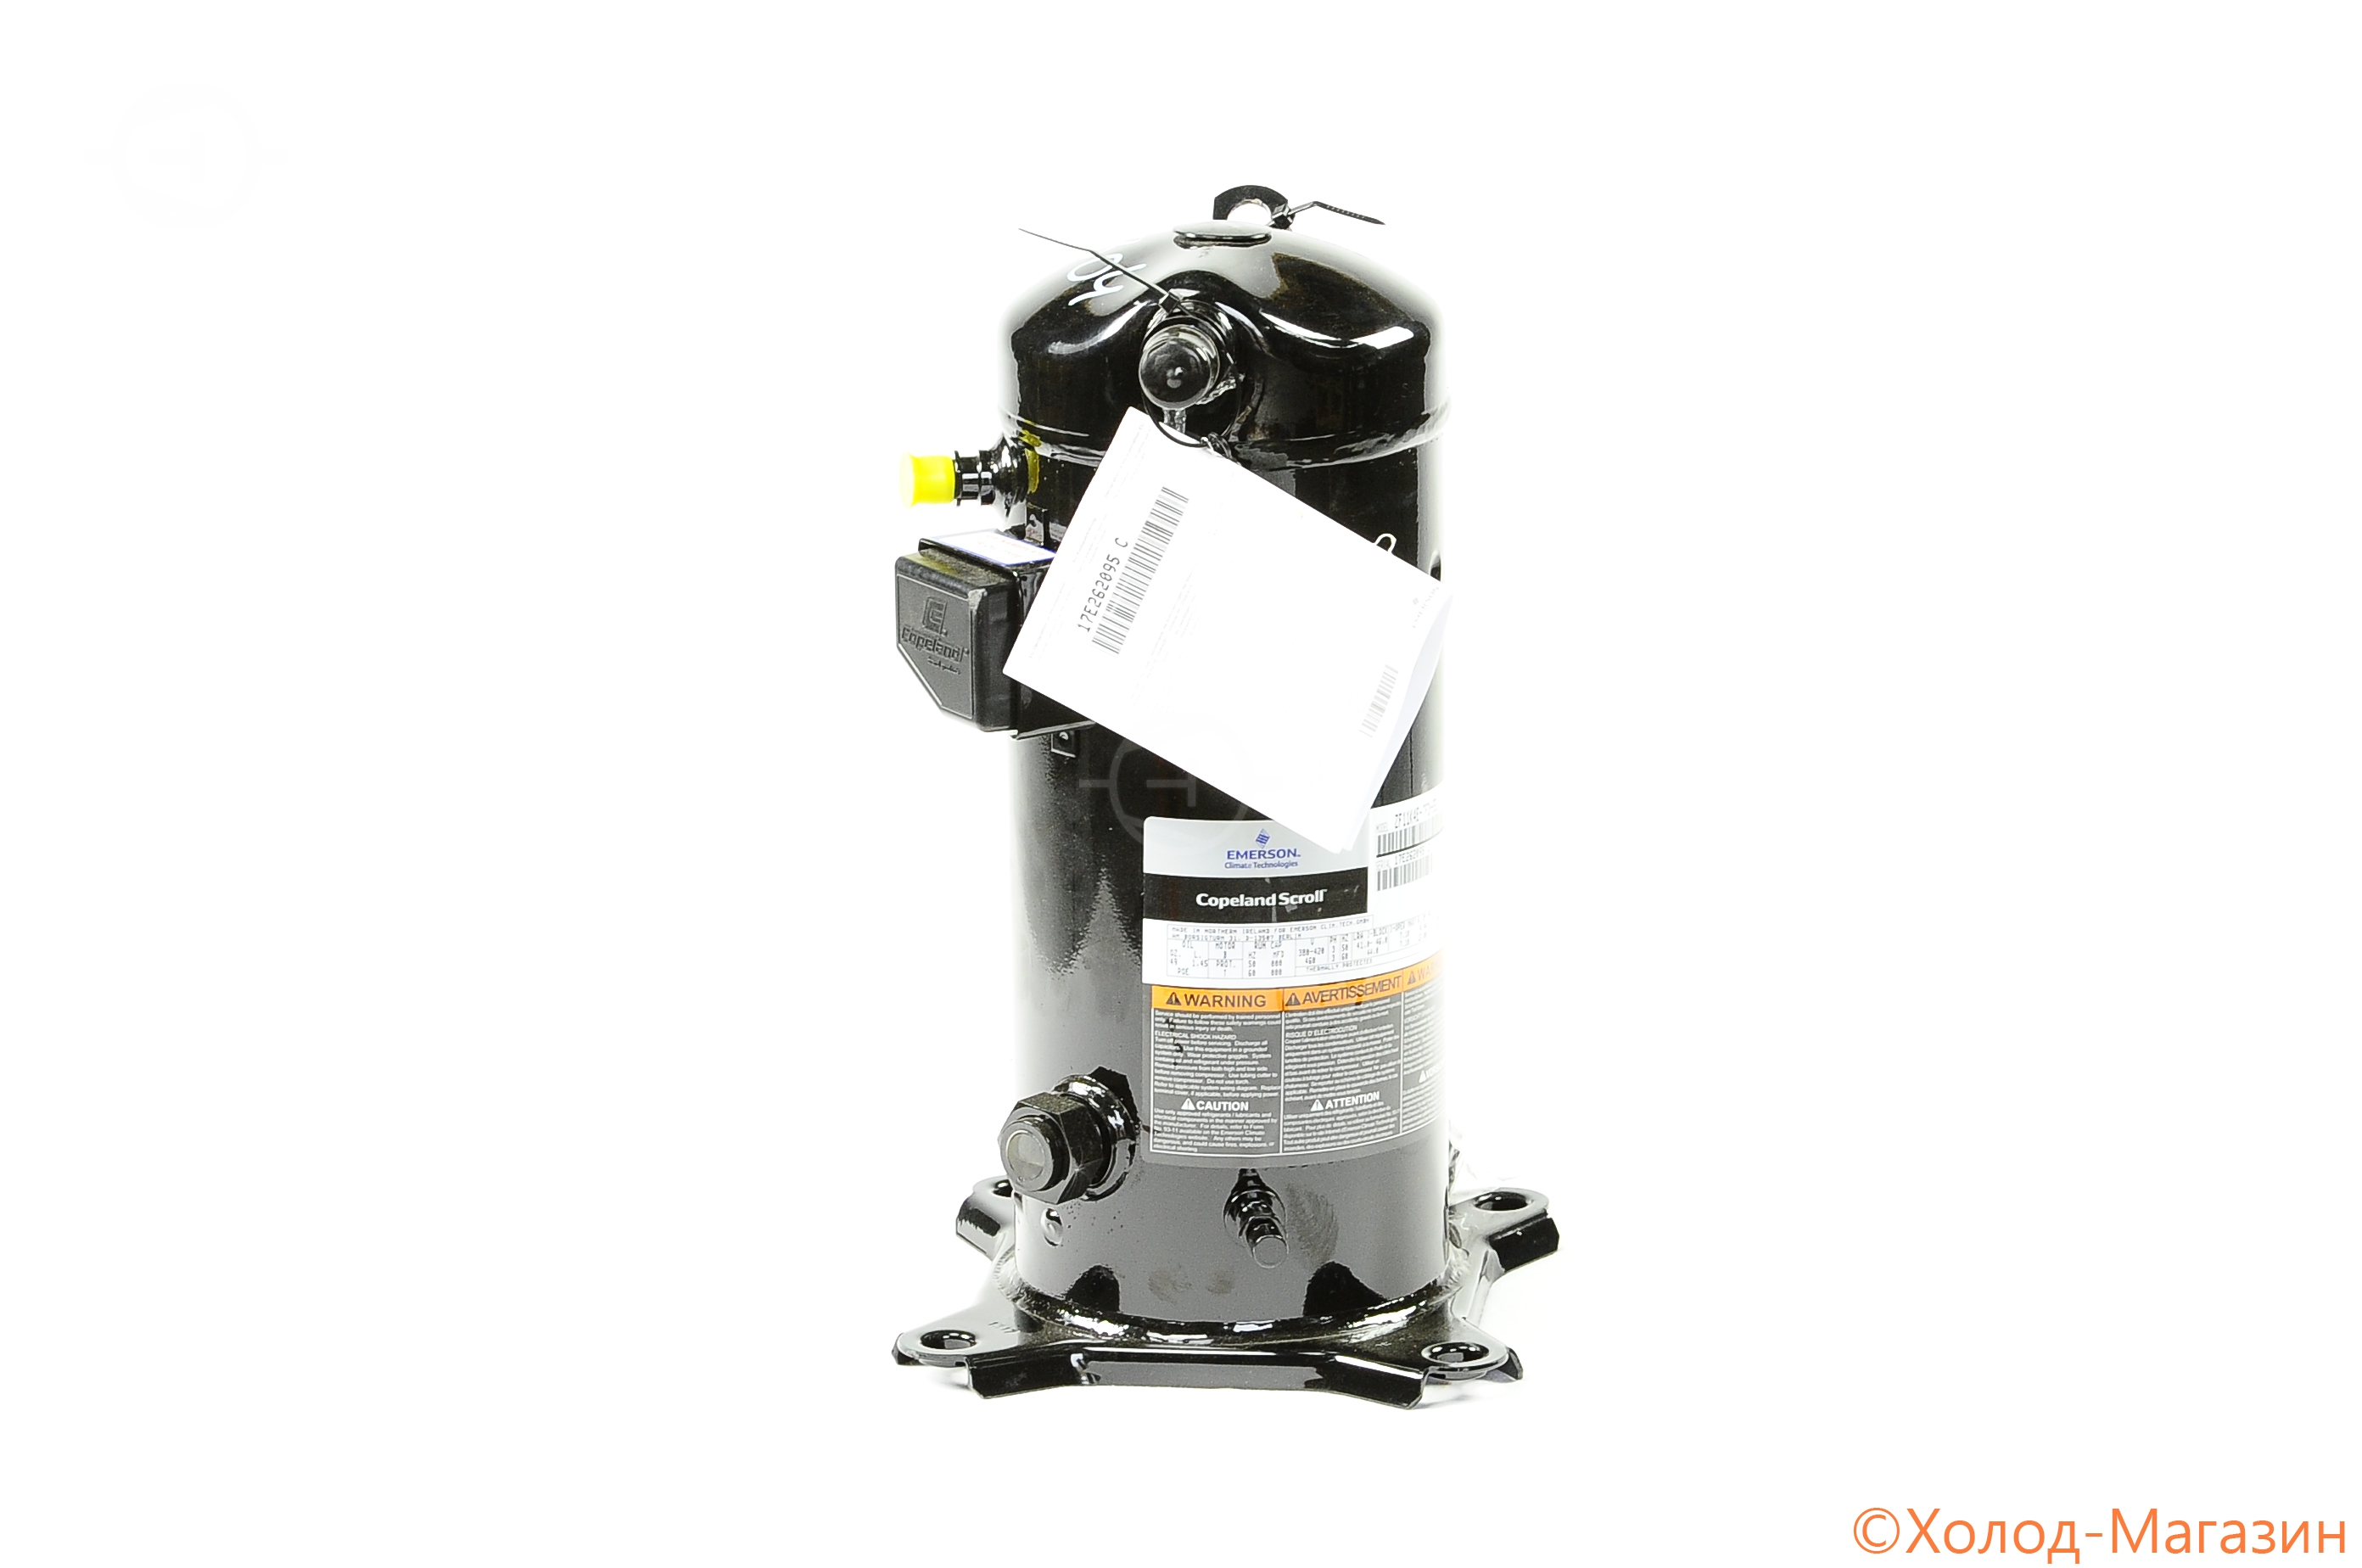 Компрессор спиральный ZF 11 K4E-TFD-556 Copeland (с вентилем DTC), Emerson